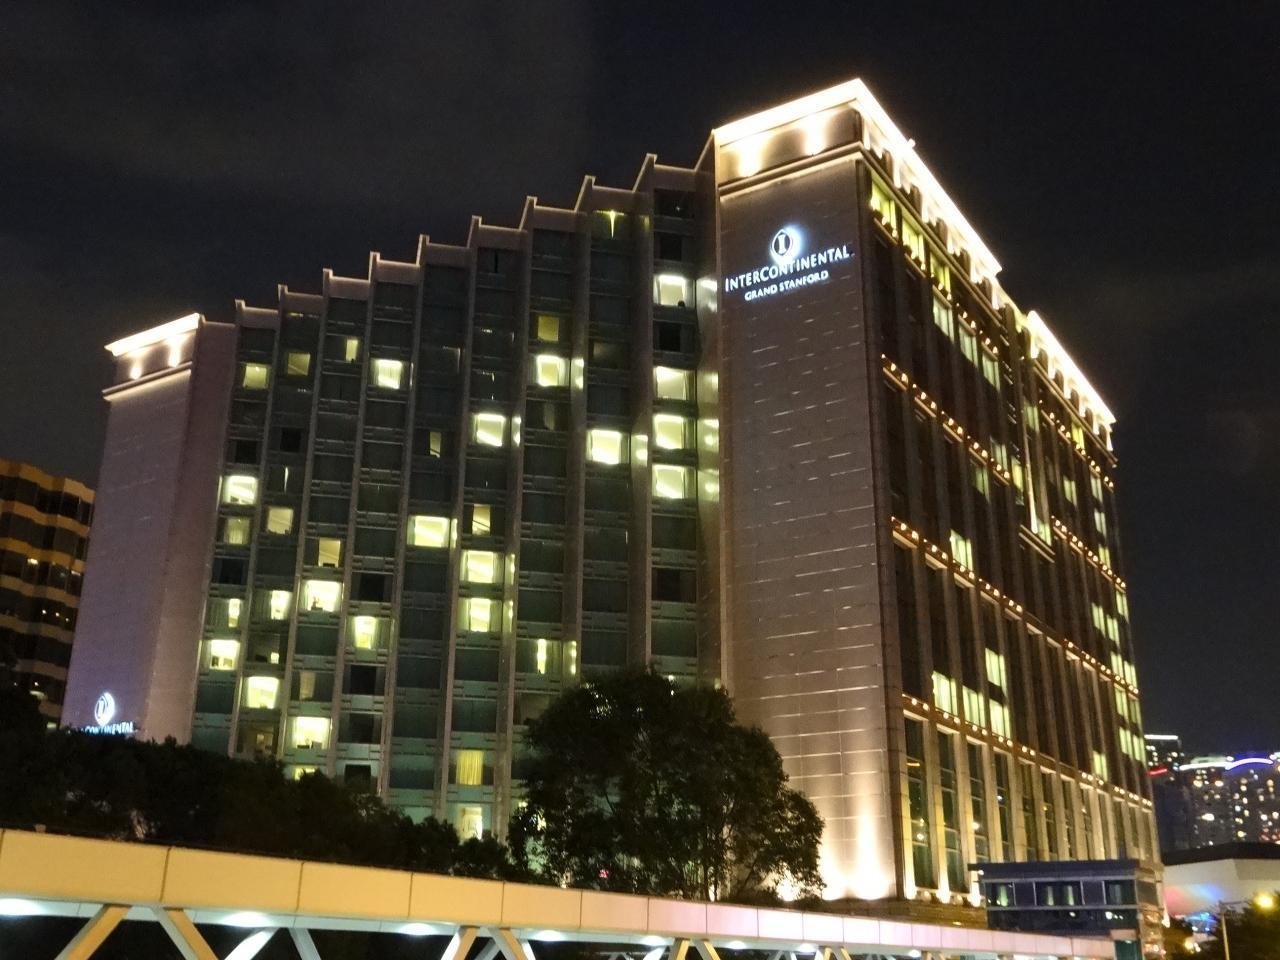 【10位】インターコンチネンタル グランド スタンフォード香港 (海景嘉福酒店)